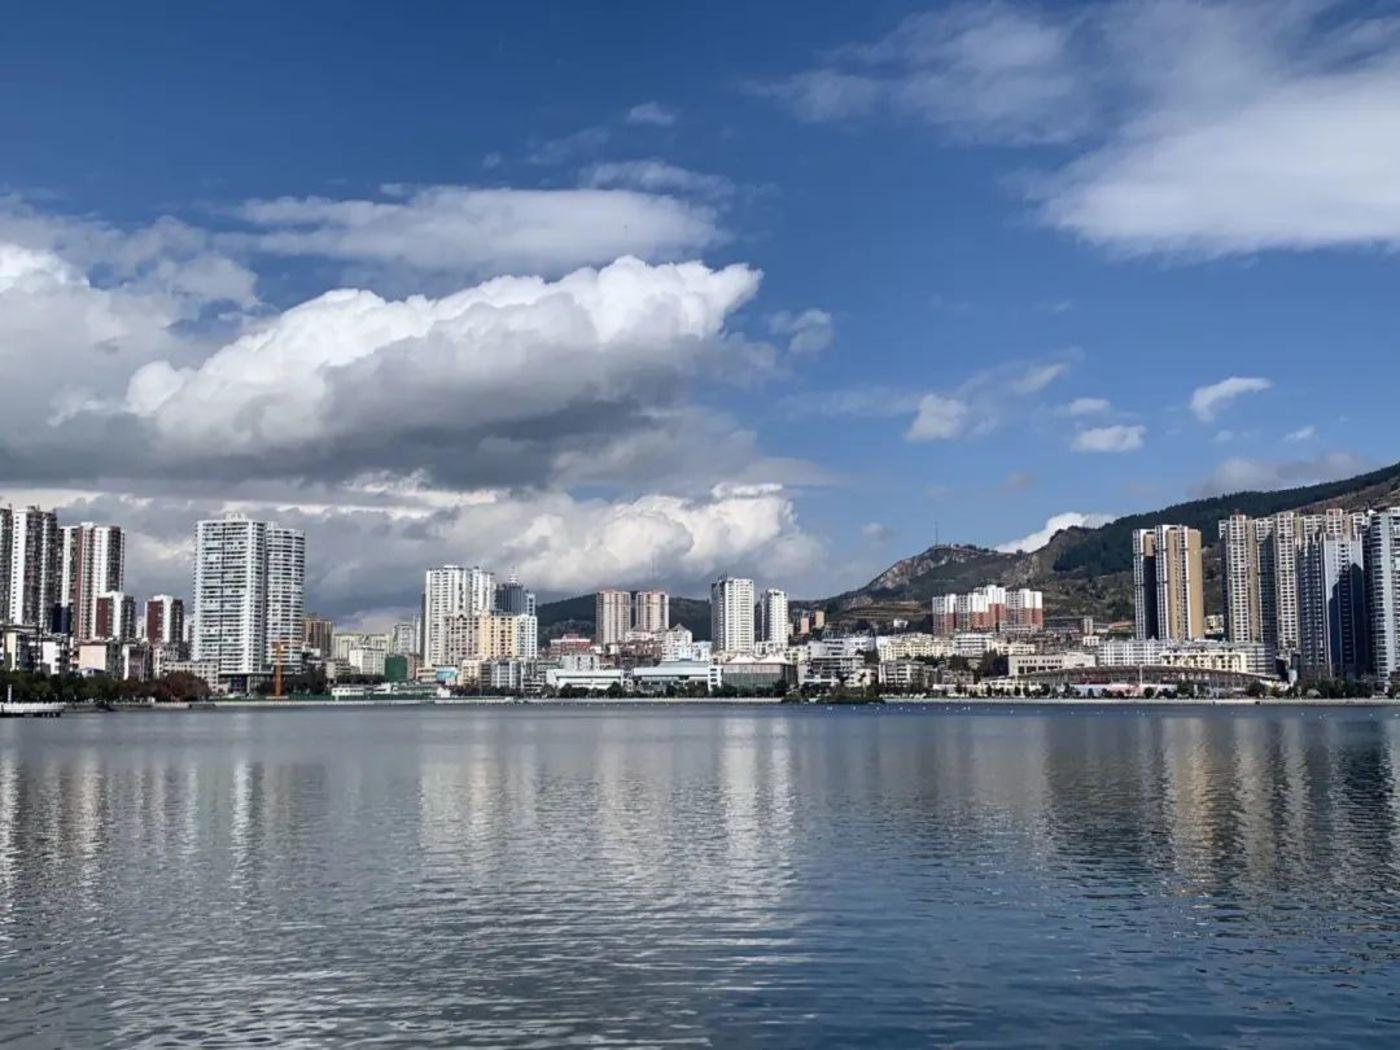 个旧的蓝天白云,真正的彩云之南,图片来源:多菲 摄